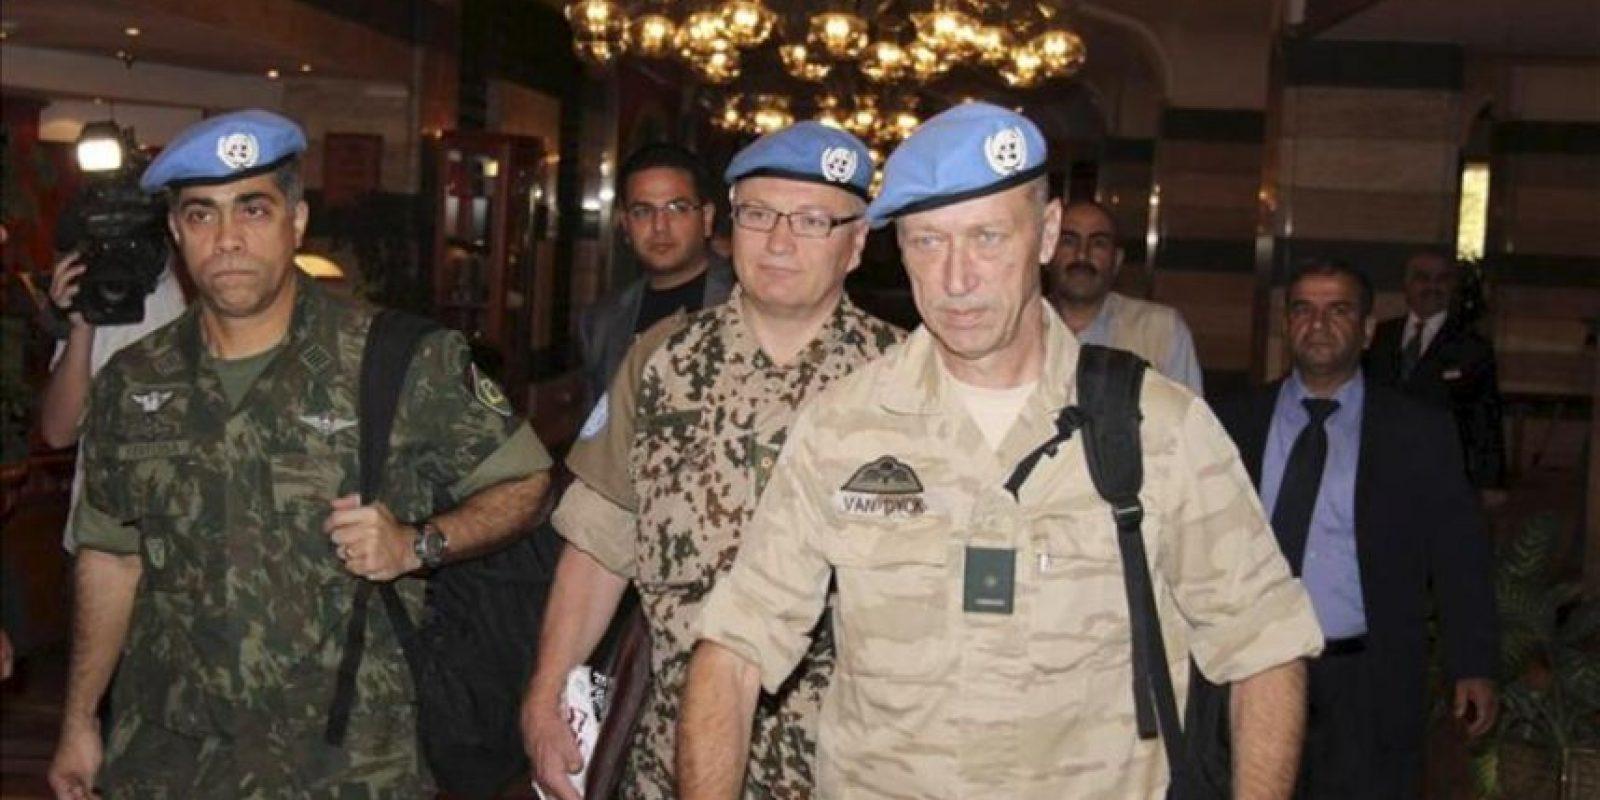 Los observadores de Naciones Unidas para verificar el alto el fuego en Siria salen del Hotel Sheraton en Damasco, Siria. EFE